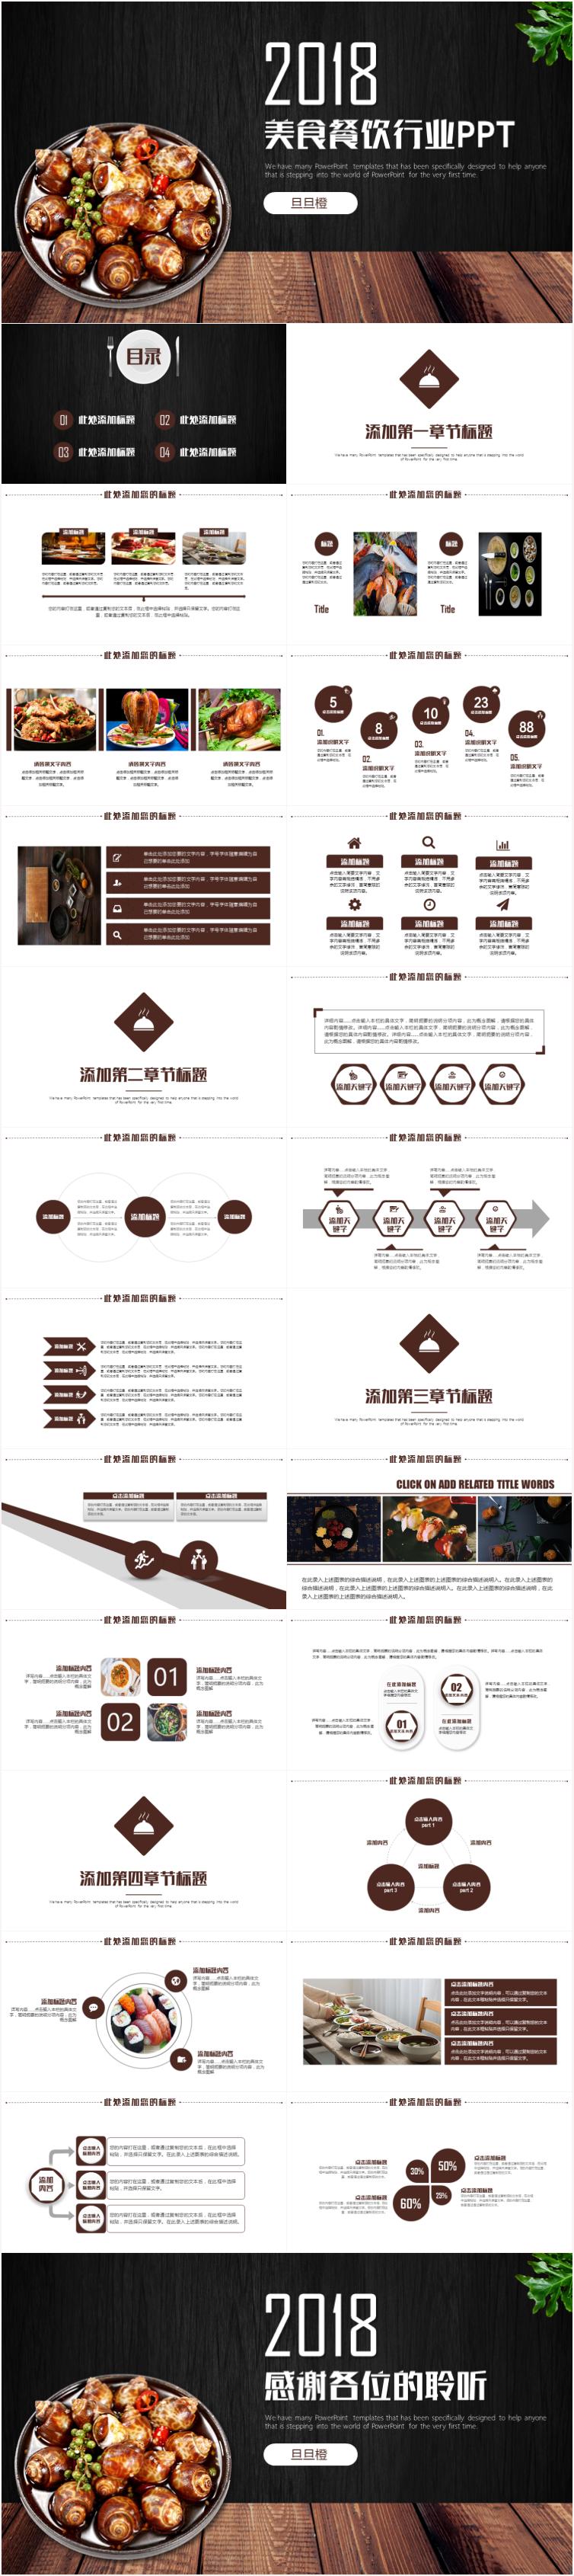 作品标题:美食餐饮酒店策划ppt模板 作品标签: 工作汇报计划总结广告图片